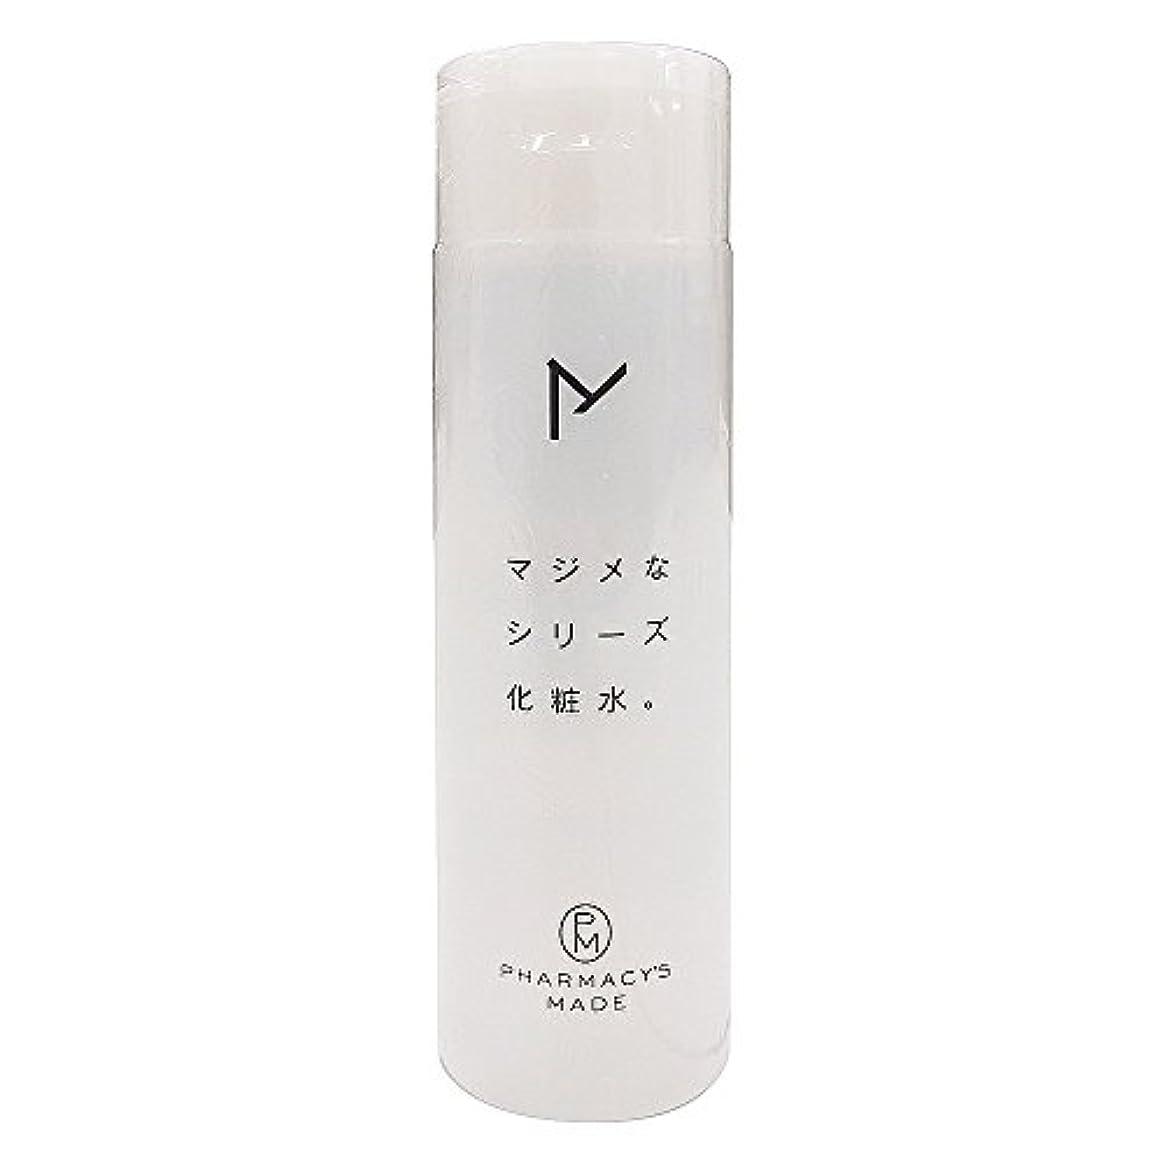 サークル人物軍団水橋保寿堂製薬 マジメなシリーズ化粧水。 200ml